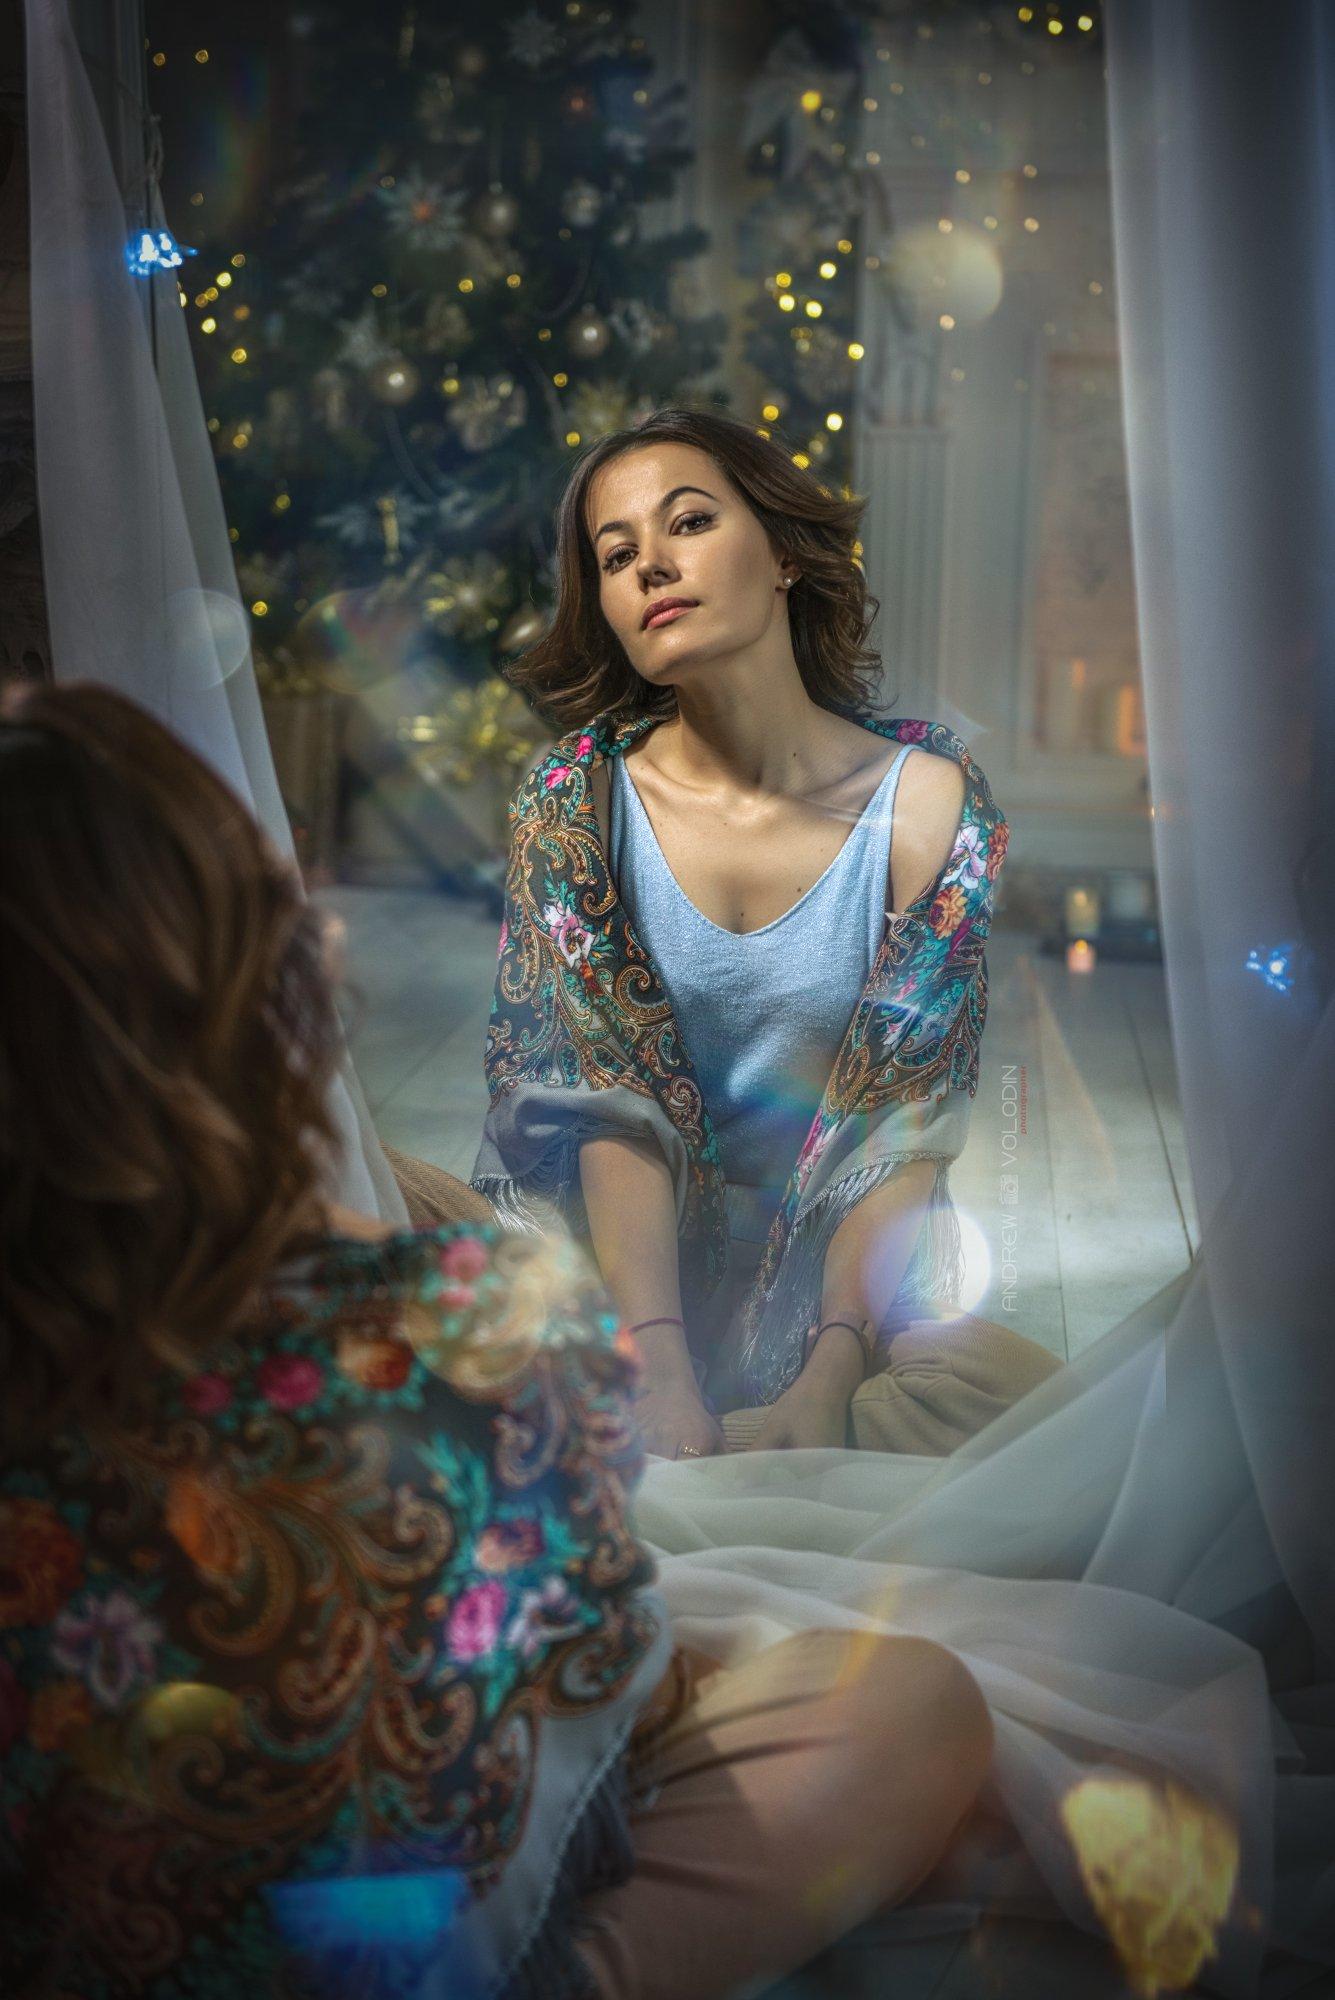 девушка зеркало отражение портрет новый год, Андрей Володин